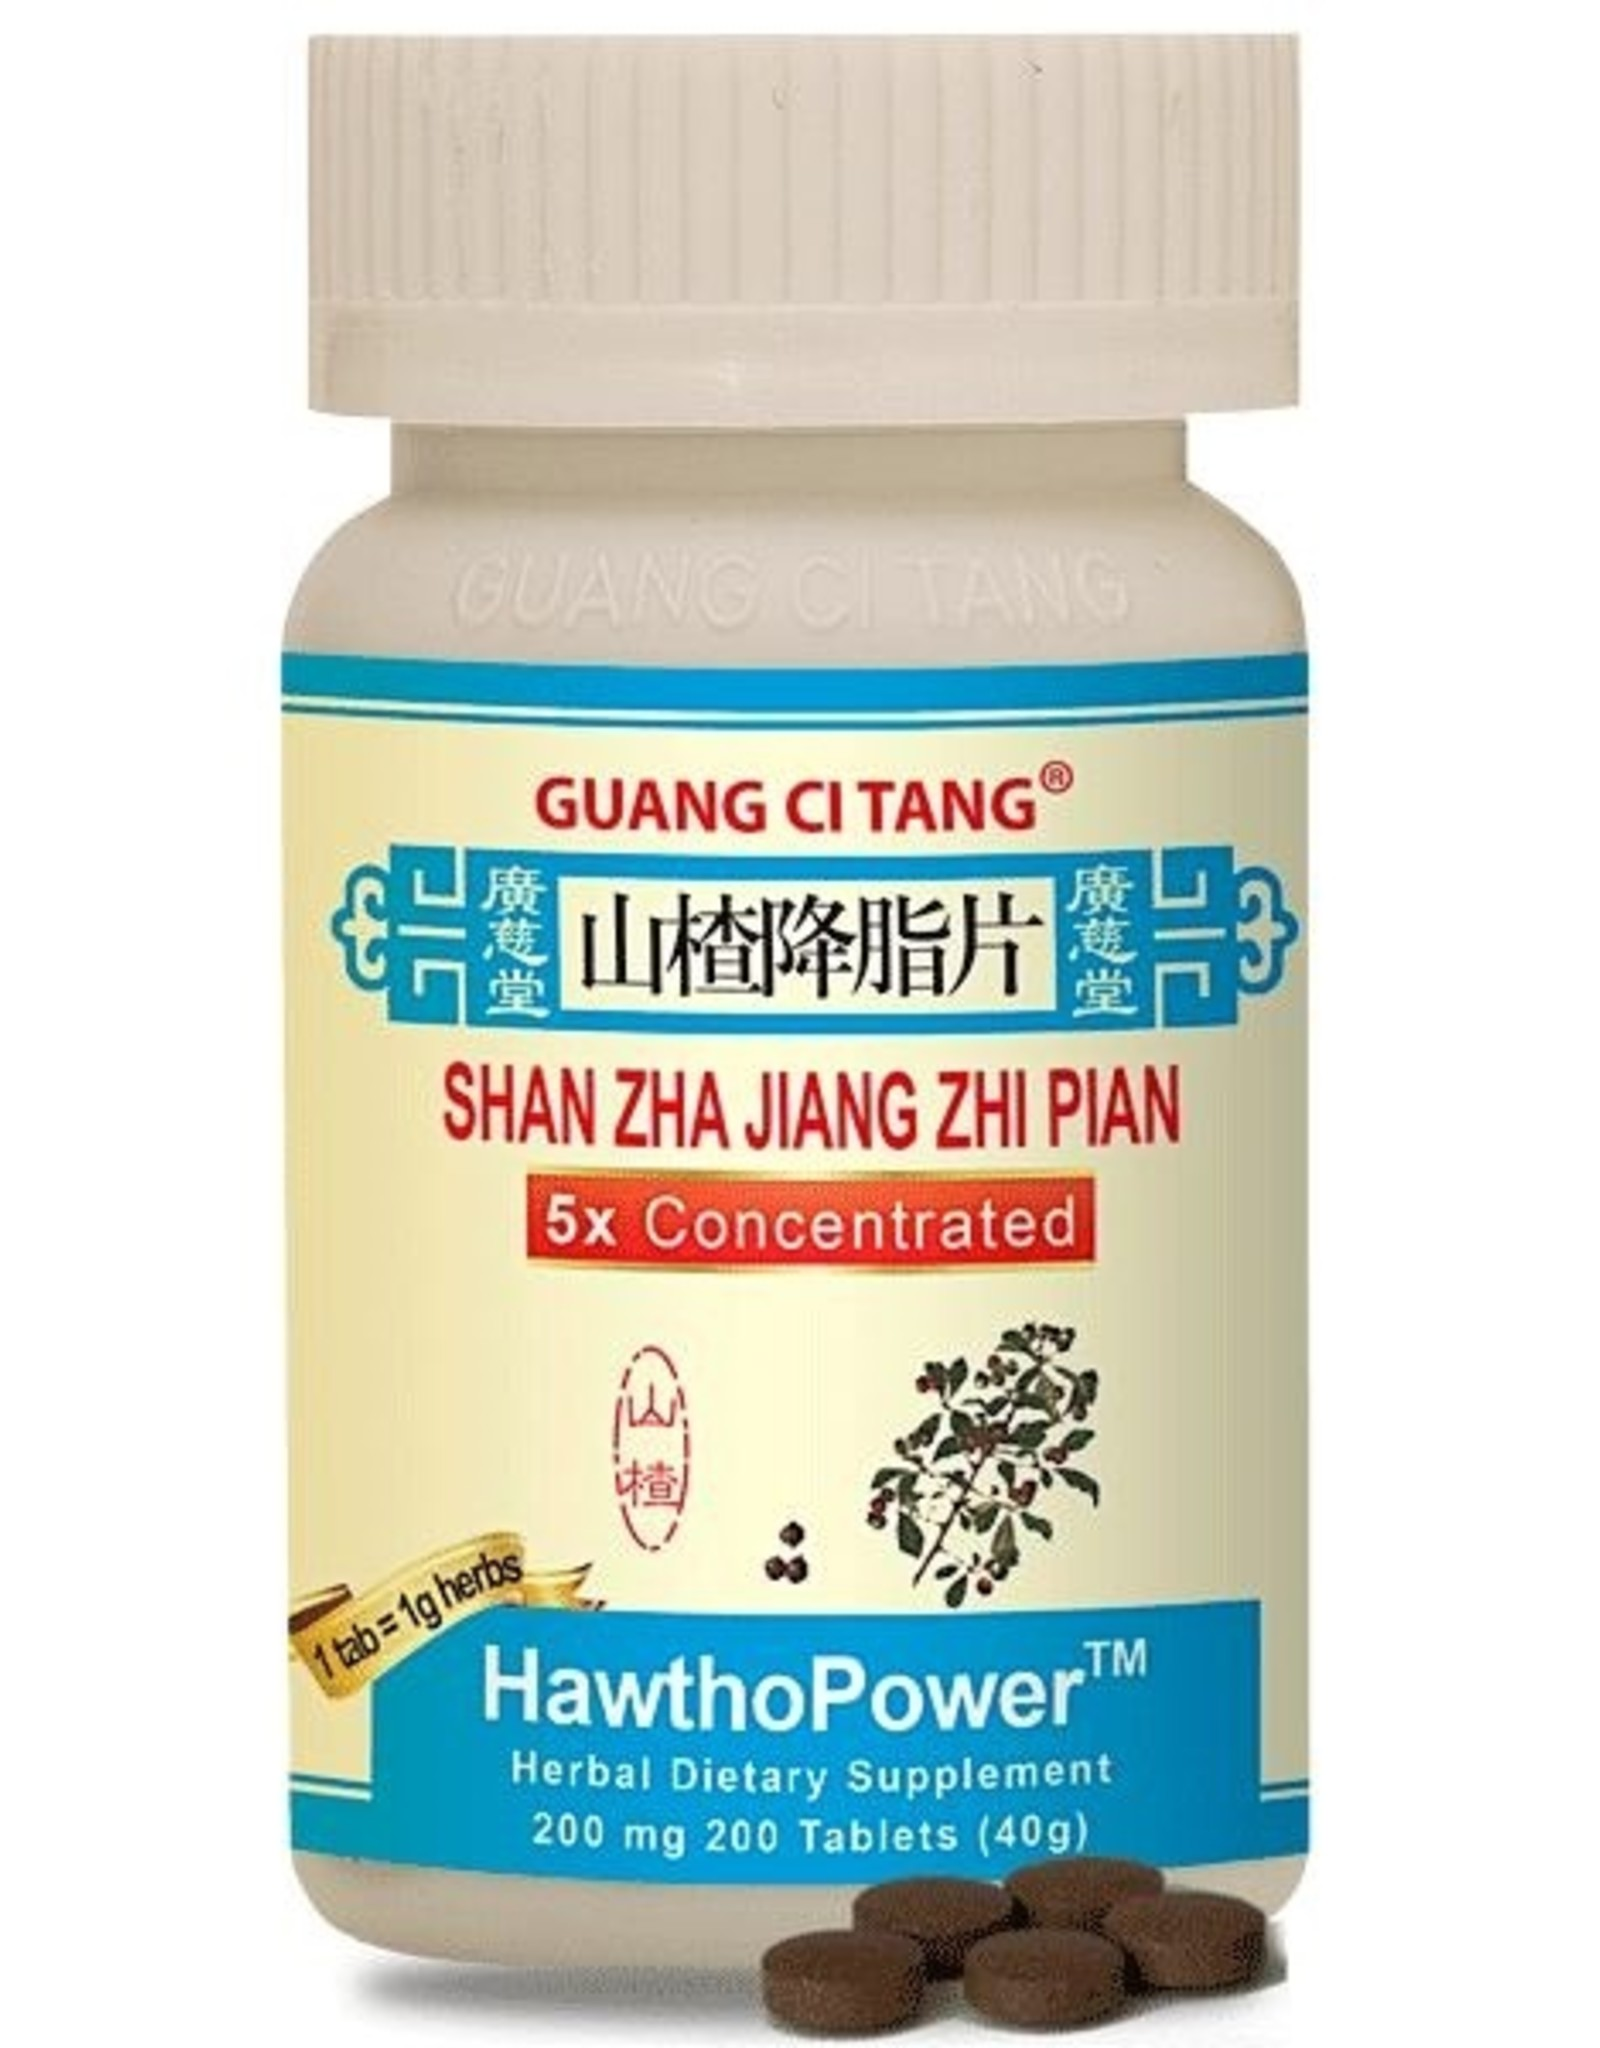 ActiveHerb Shan Zha Jiang Zhi Pian - Hawthopower